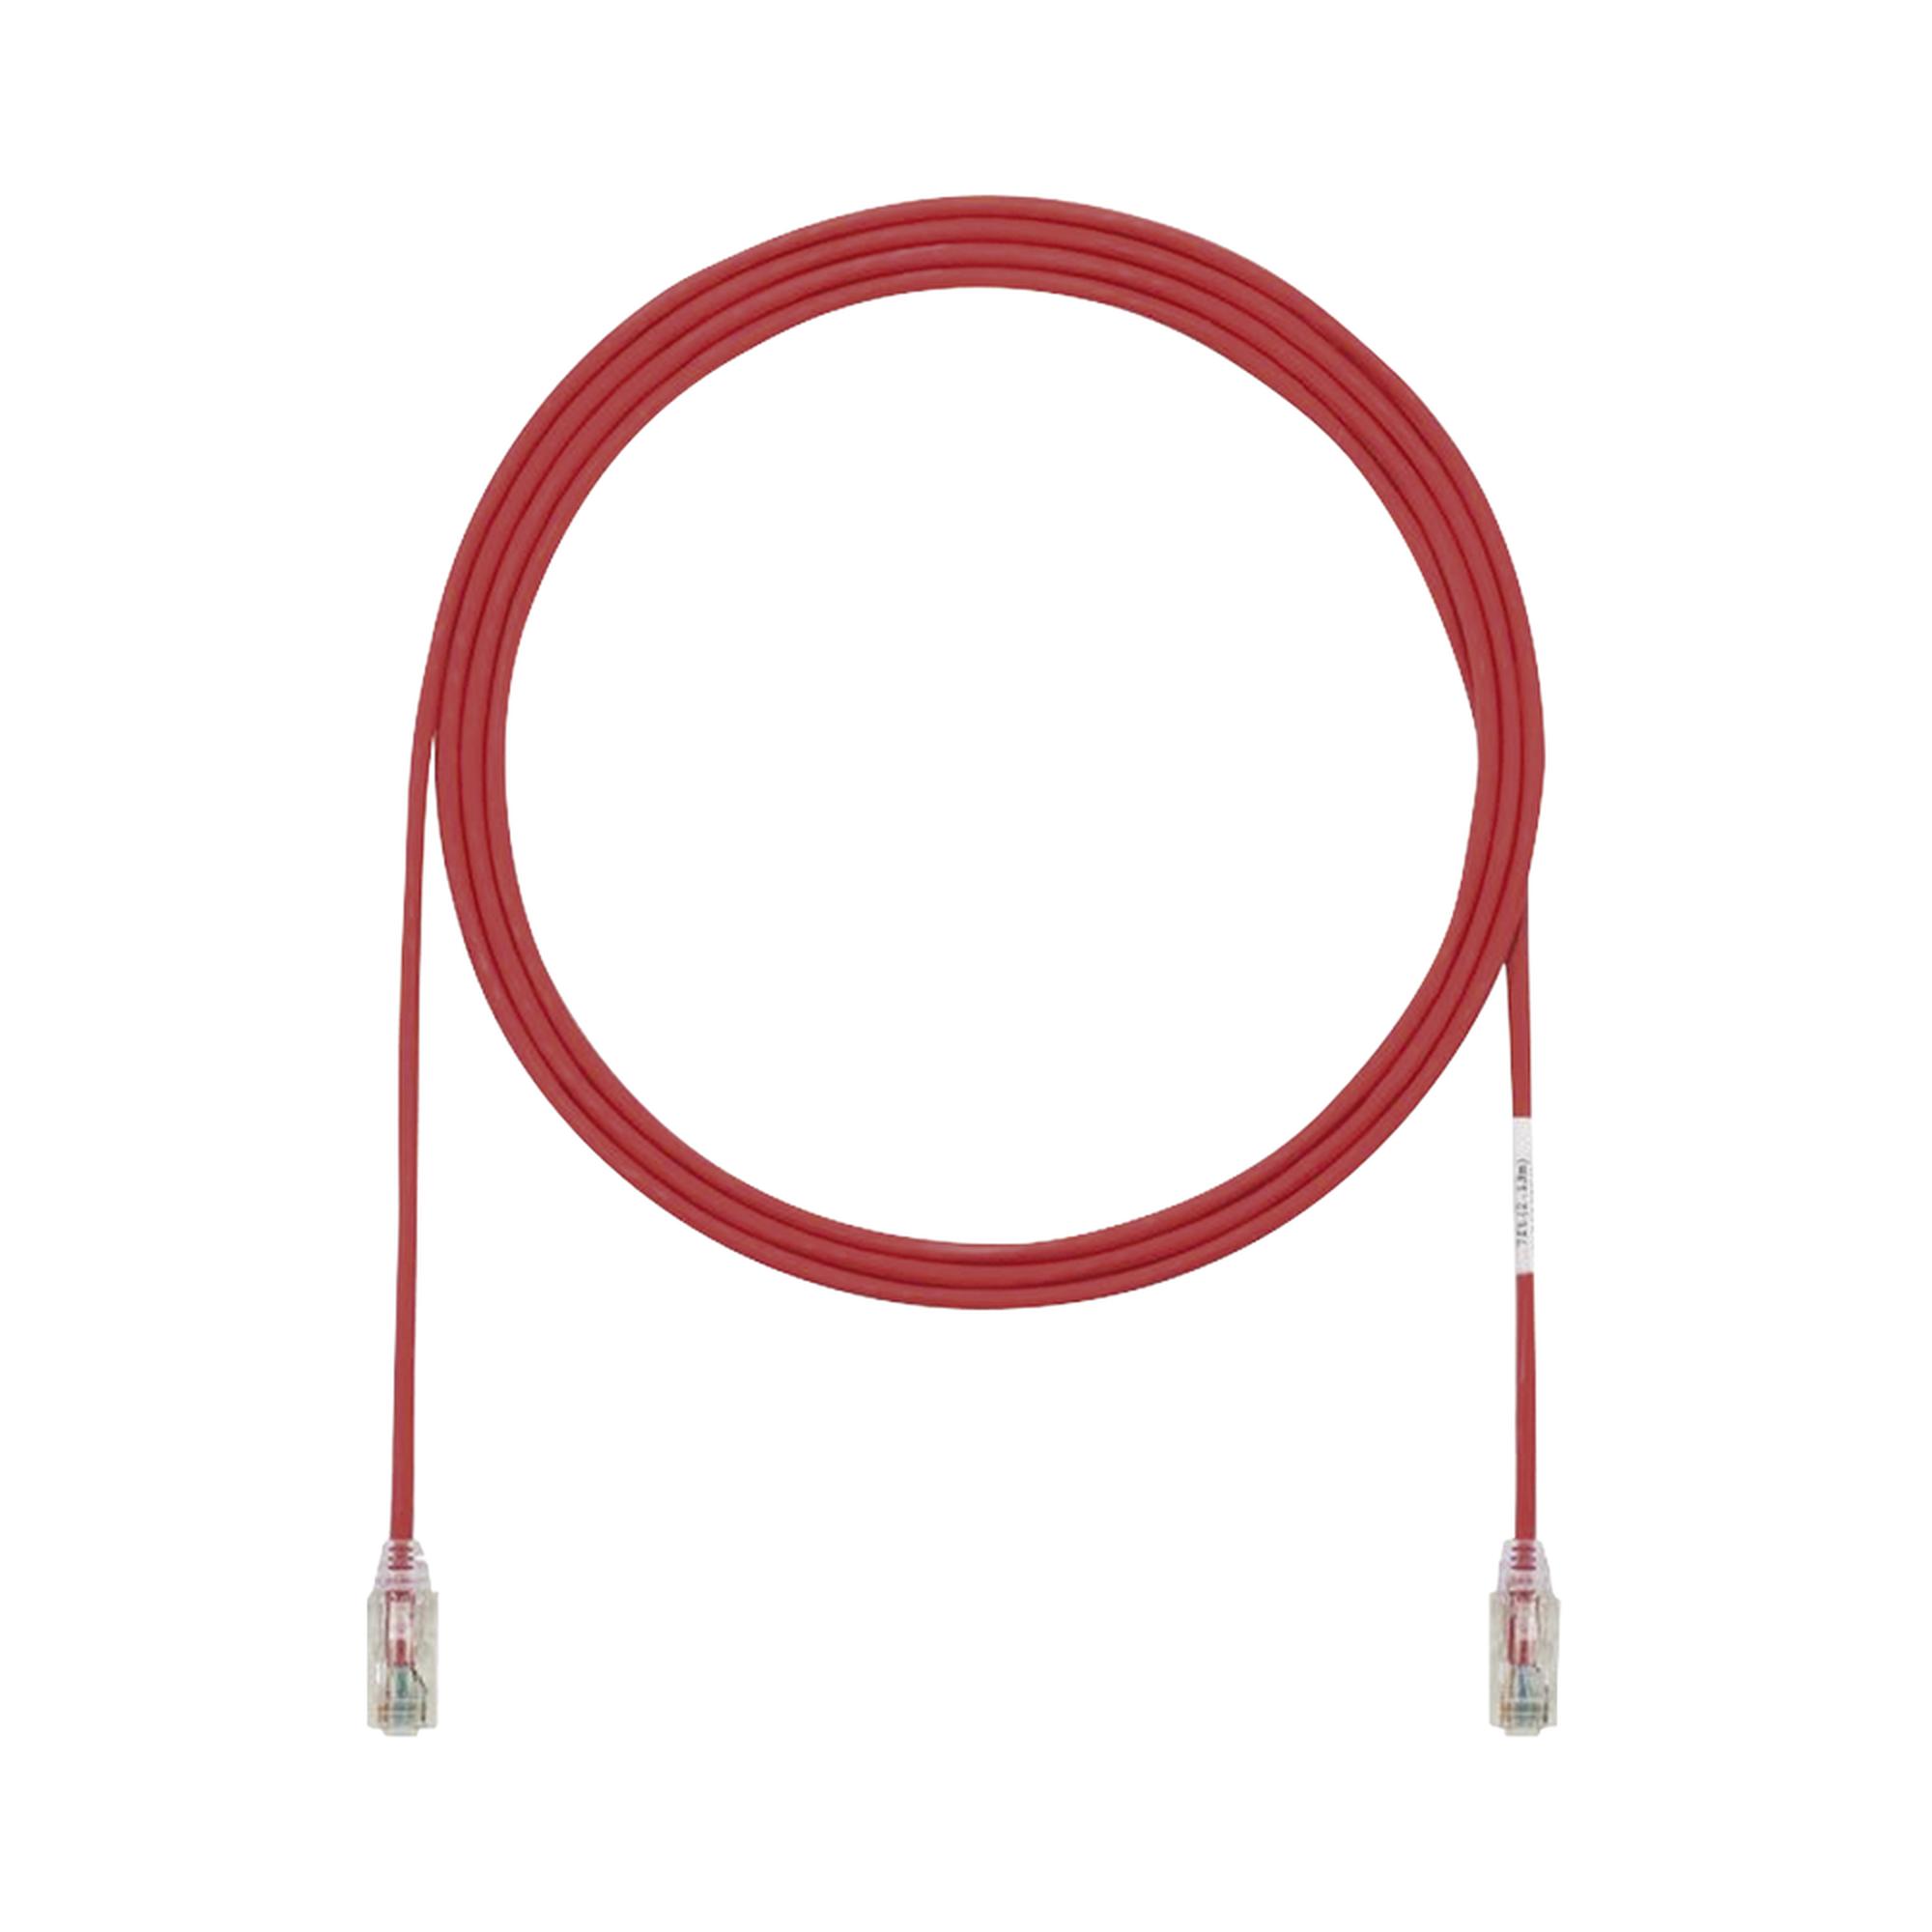 Cable de Parcheo TX6, UTP Cat6, Diámetro Reducido (28AWG), Color Rojo, 1ft